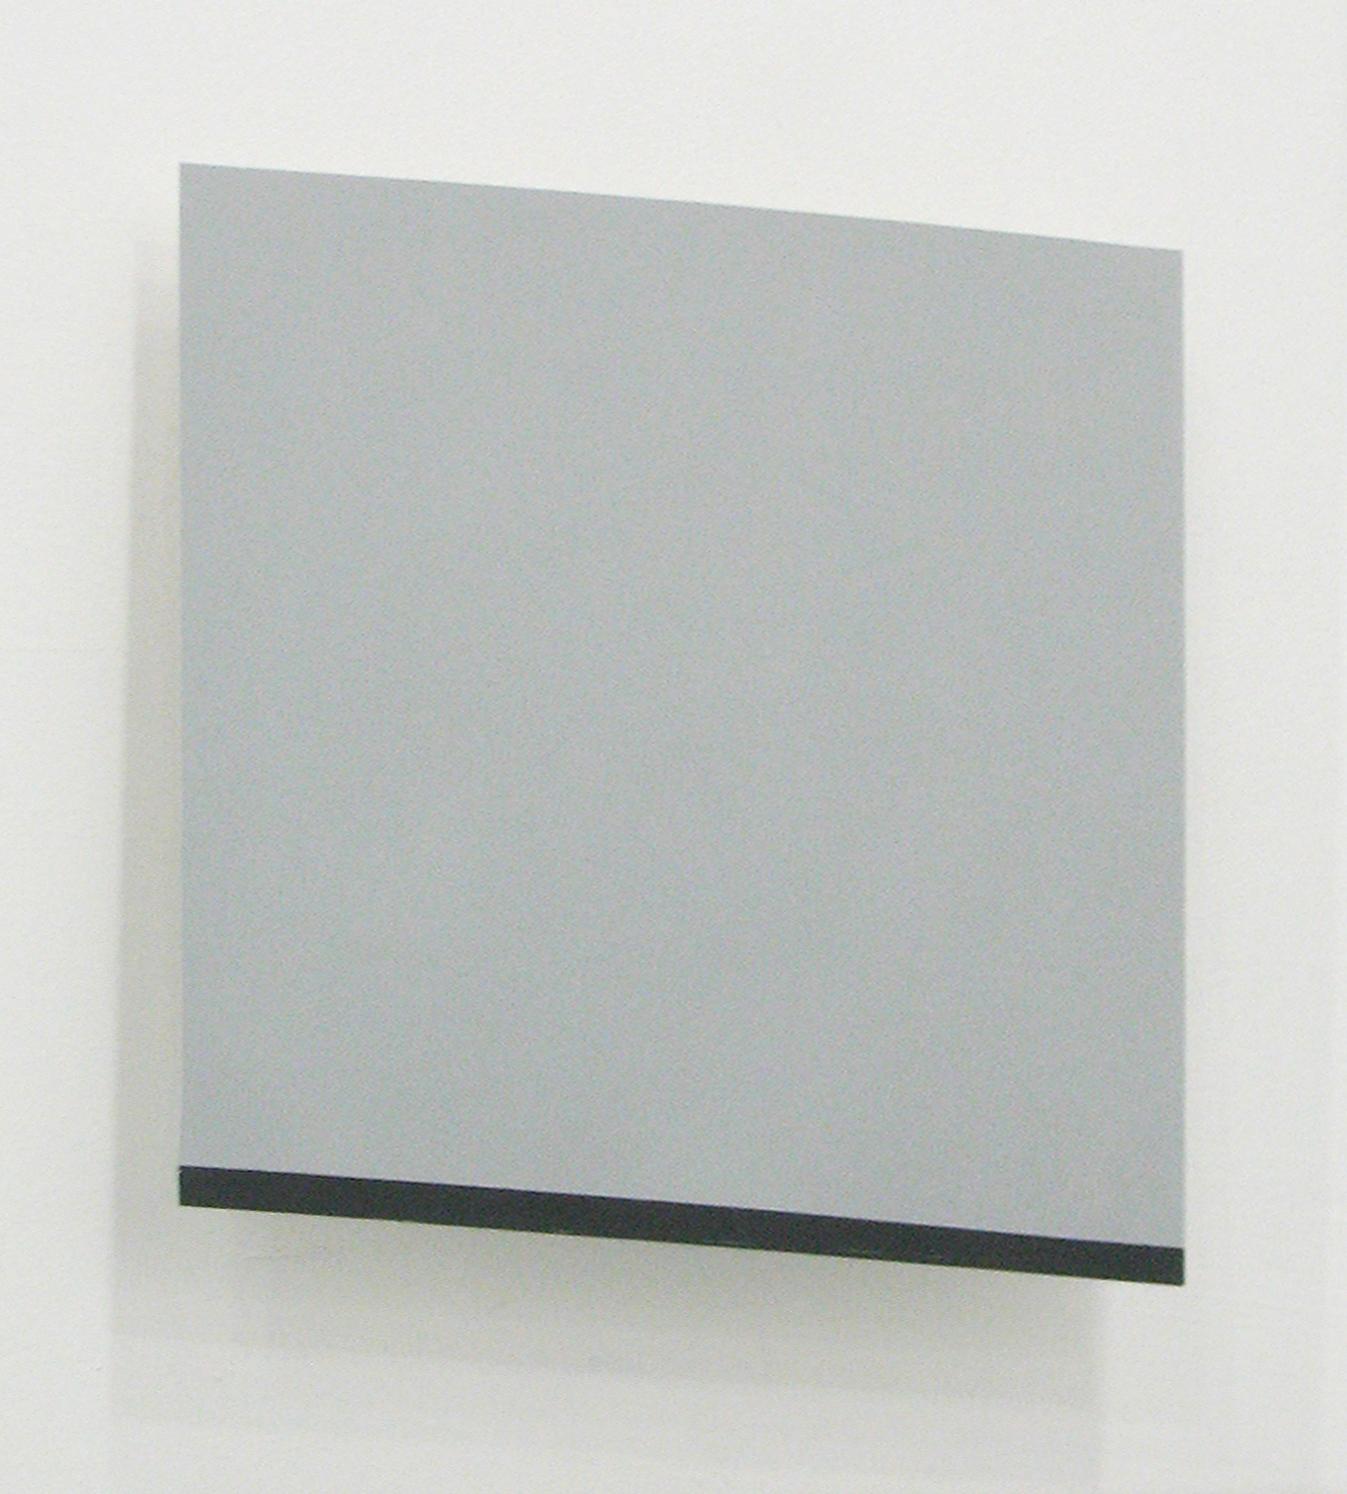 堀尾昭子 Akiko Horio<br>ケント紙<br>アクリル, ケント紙 18 x 16 cm<br>2011